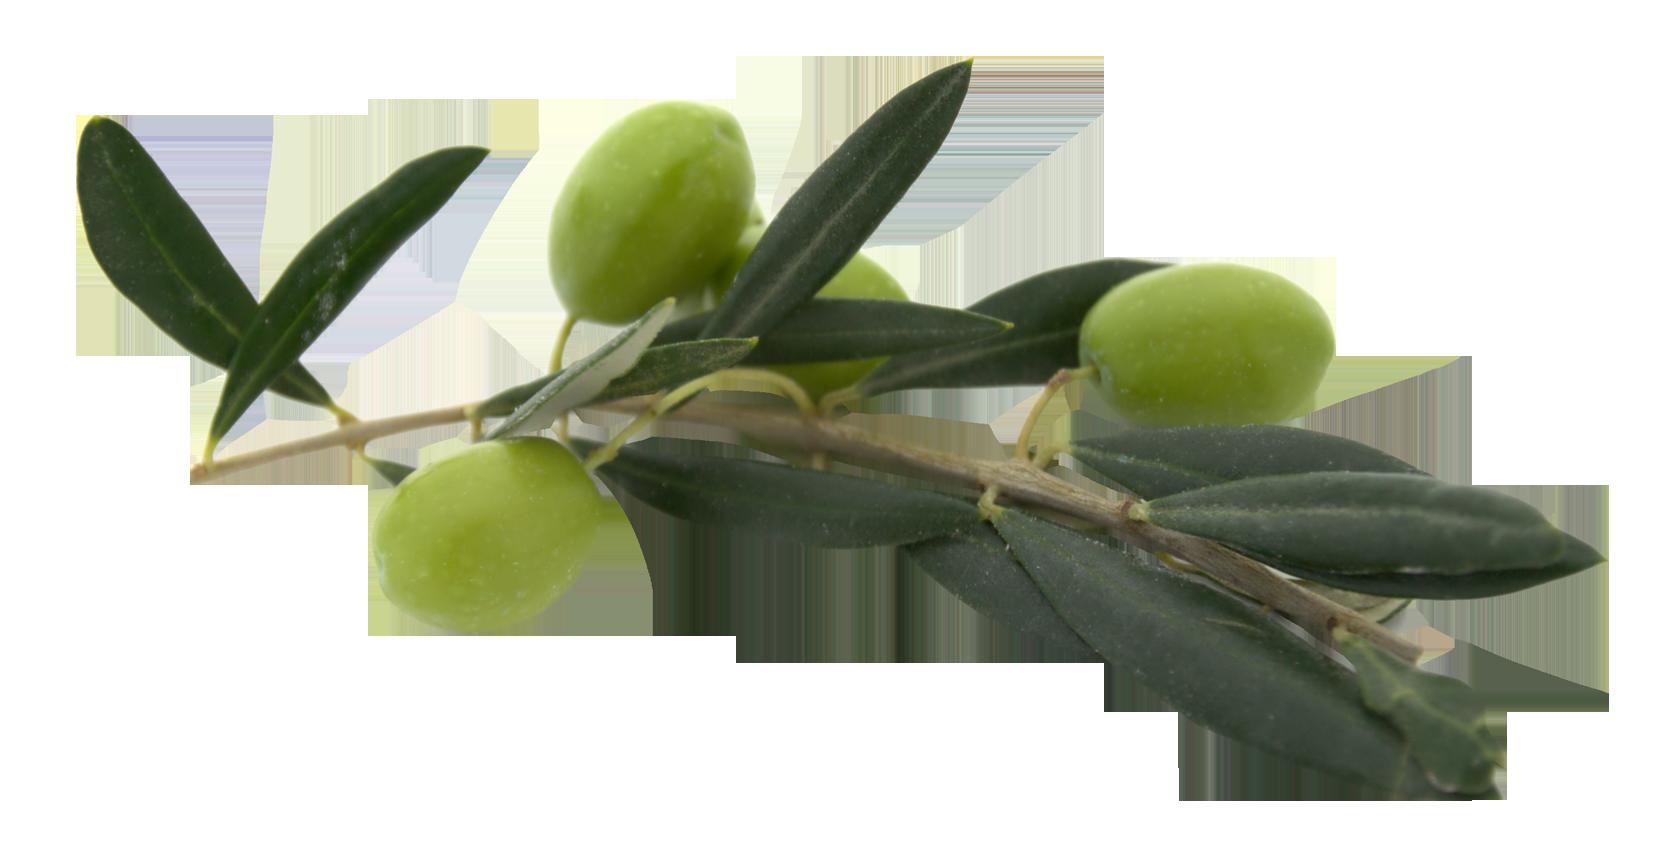 Olives Png image #40552